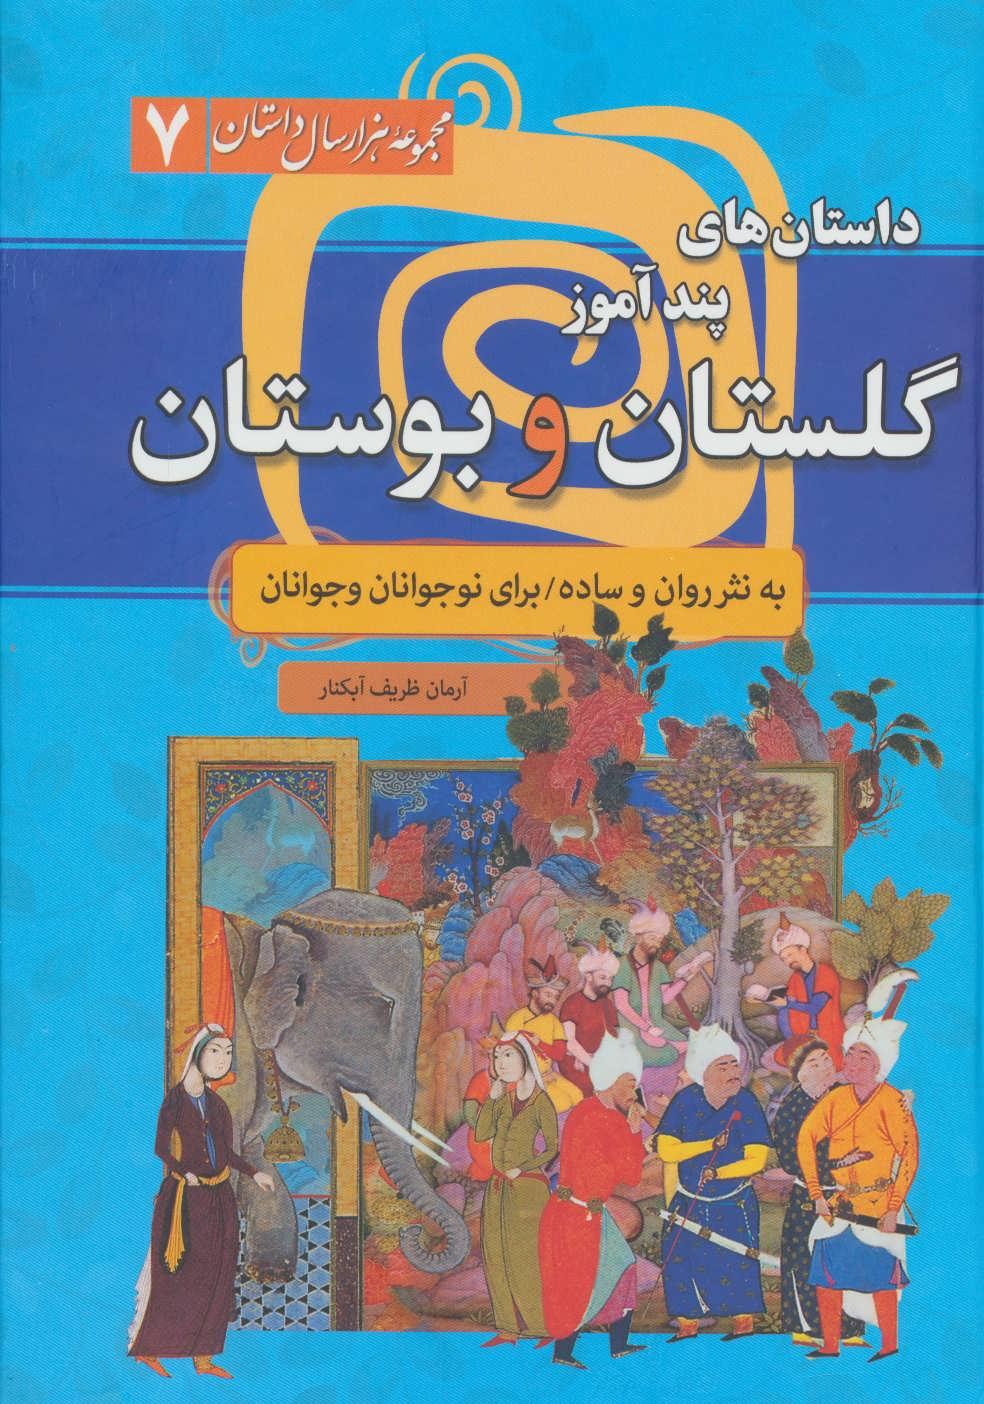 مجموعه هزار سال داستان 7 (داستان های پندآموز گلستان و بوستان)